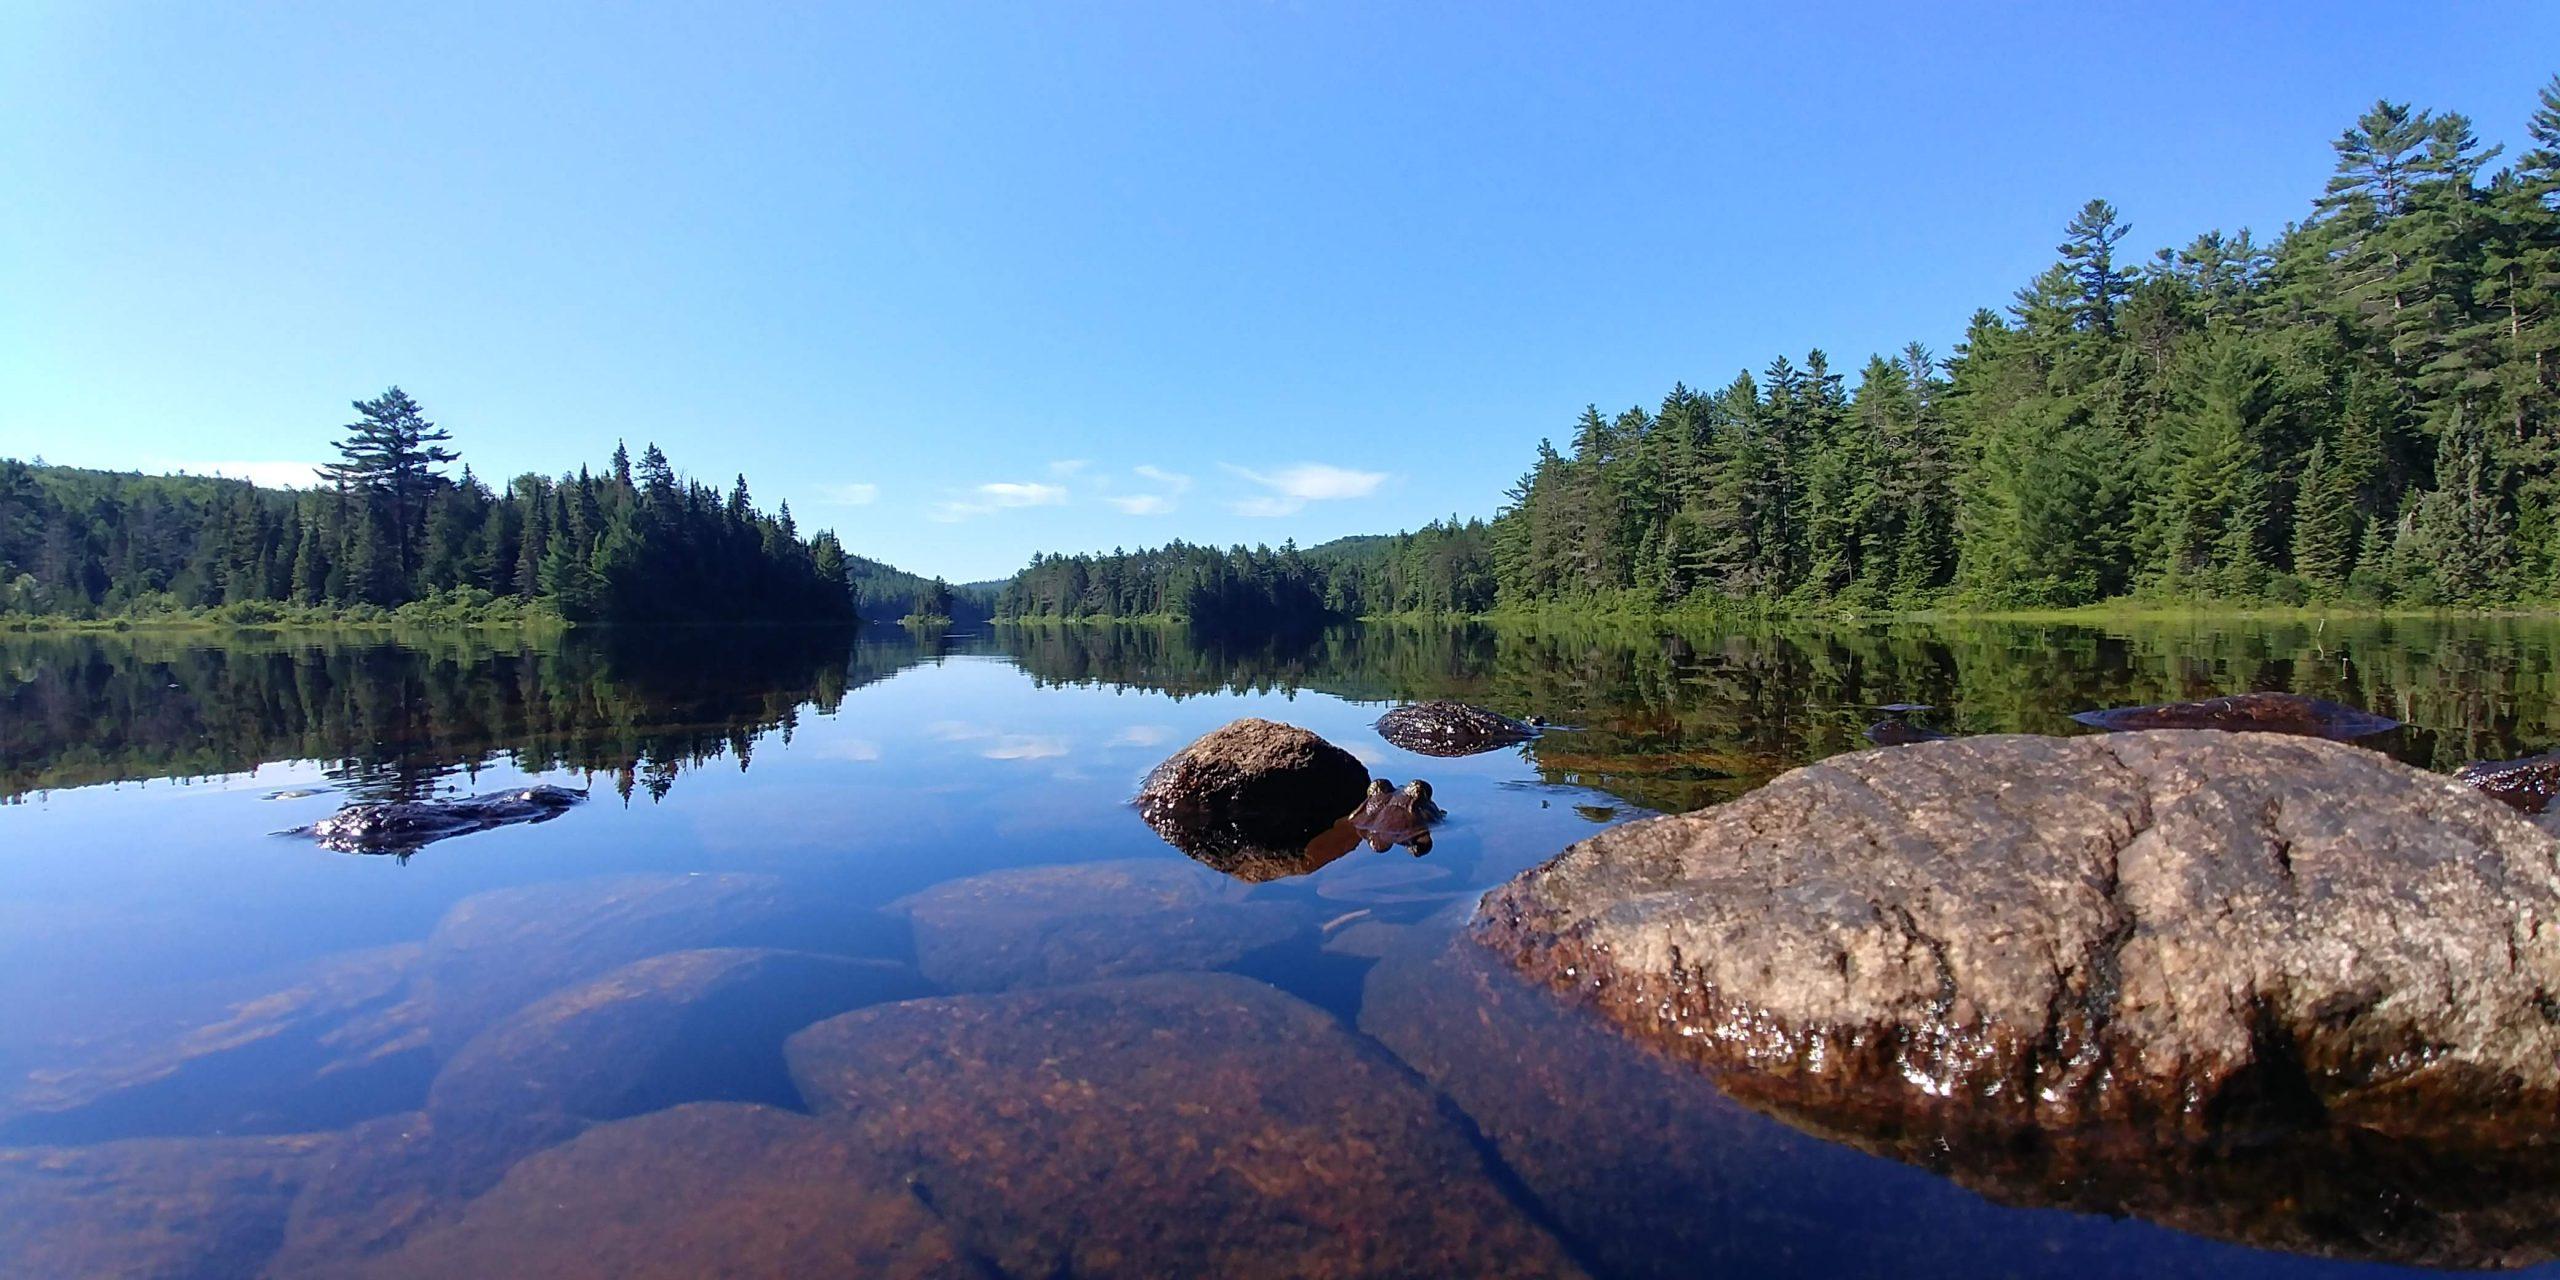 North Depot Lake